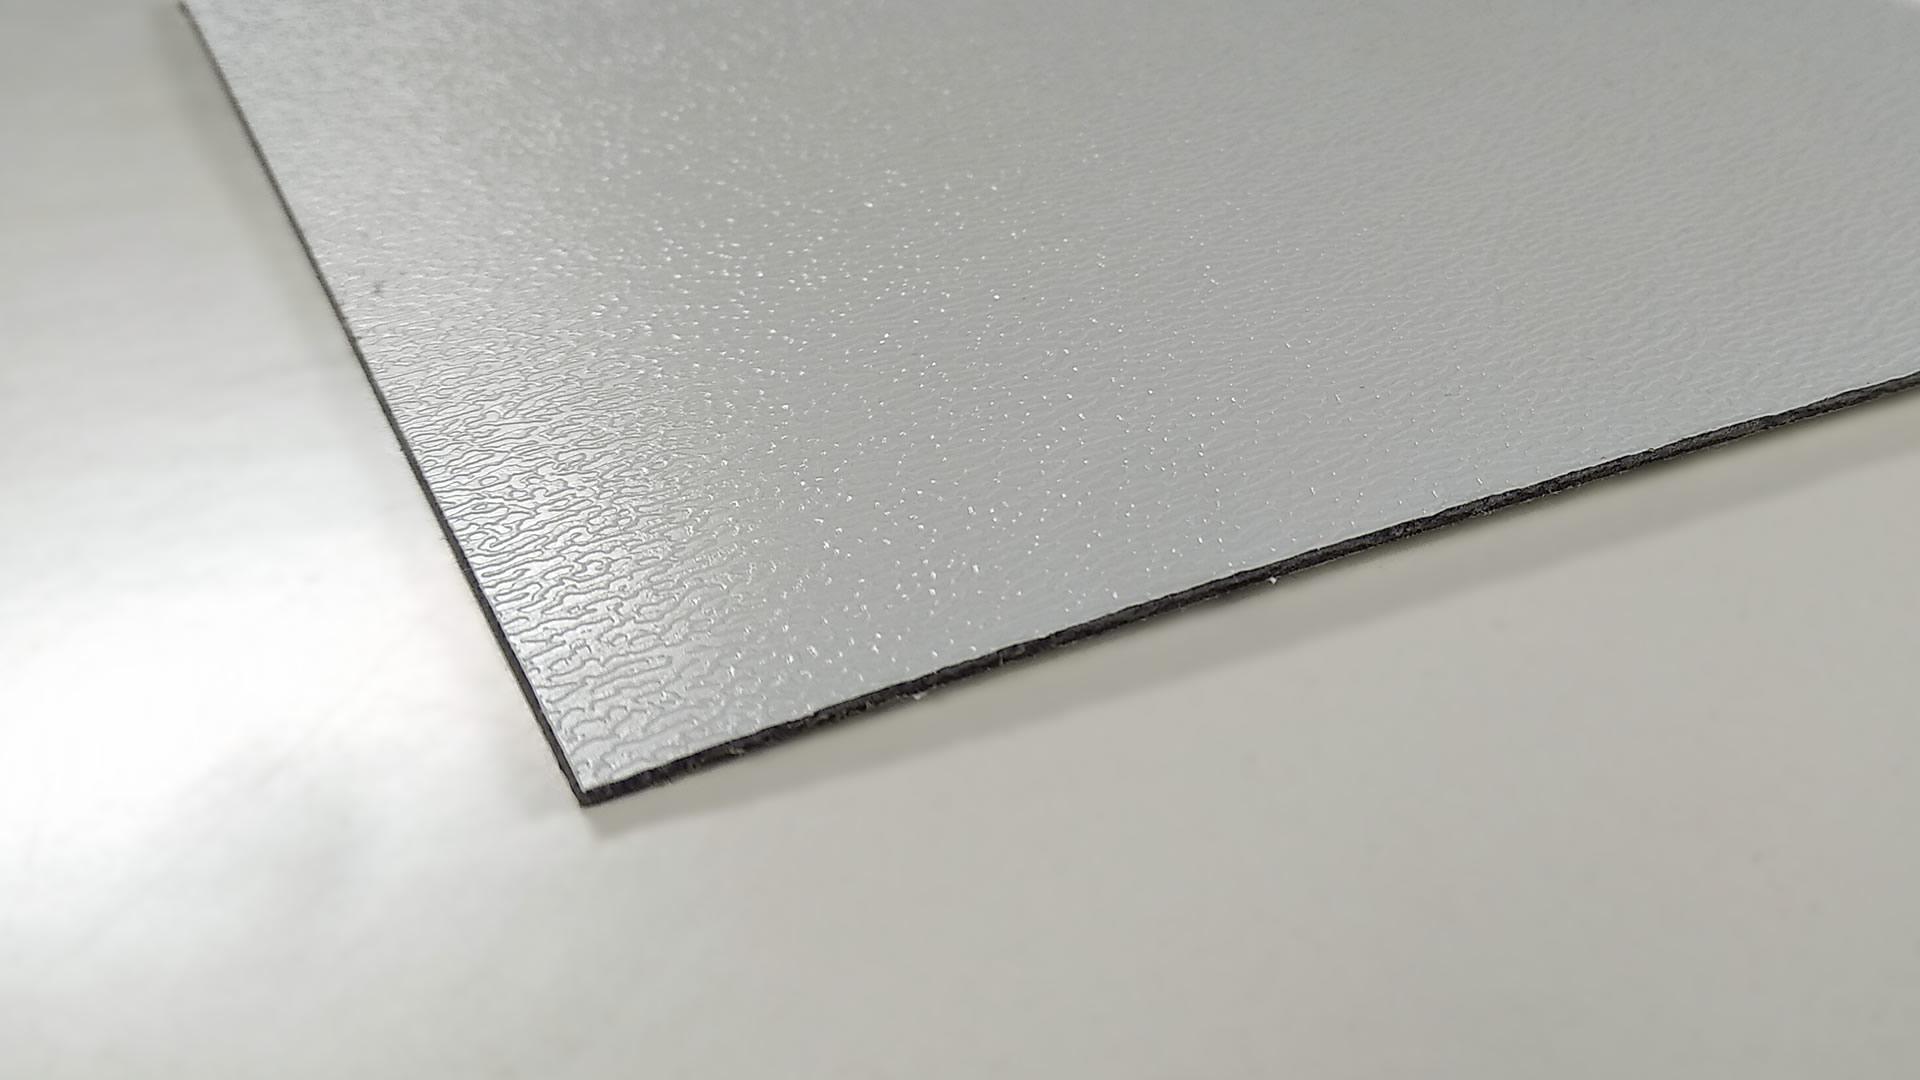 Full Size of Selbstklebende Fliesen Gerflor Design Designbelag Sk White Tile Vinyl In Holzoptik Bad Dusche Küche Fliesenspiegel Für Glas Bodenfliesen Badezimmer Wohnzimmer Selbstklebende Fliesen